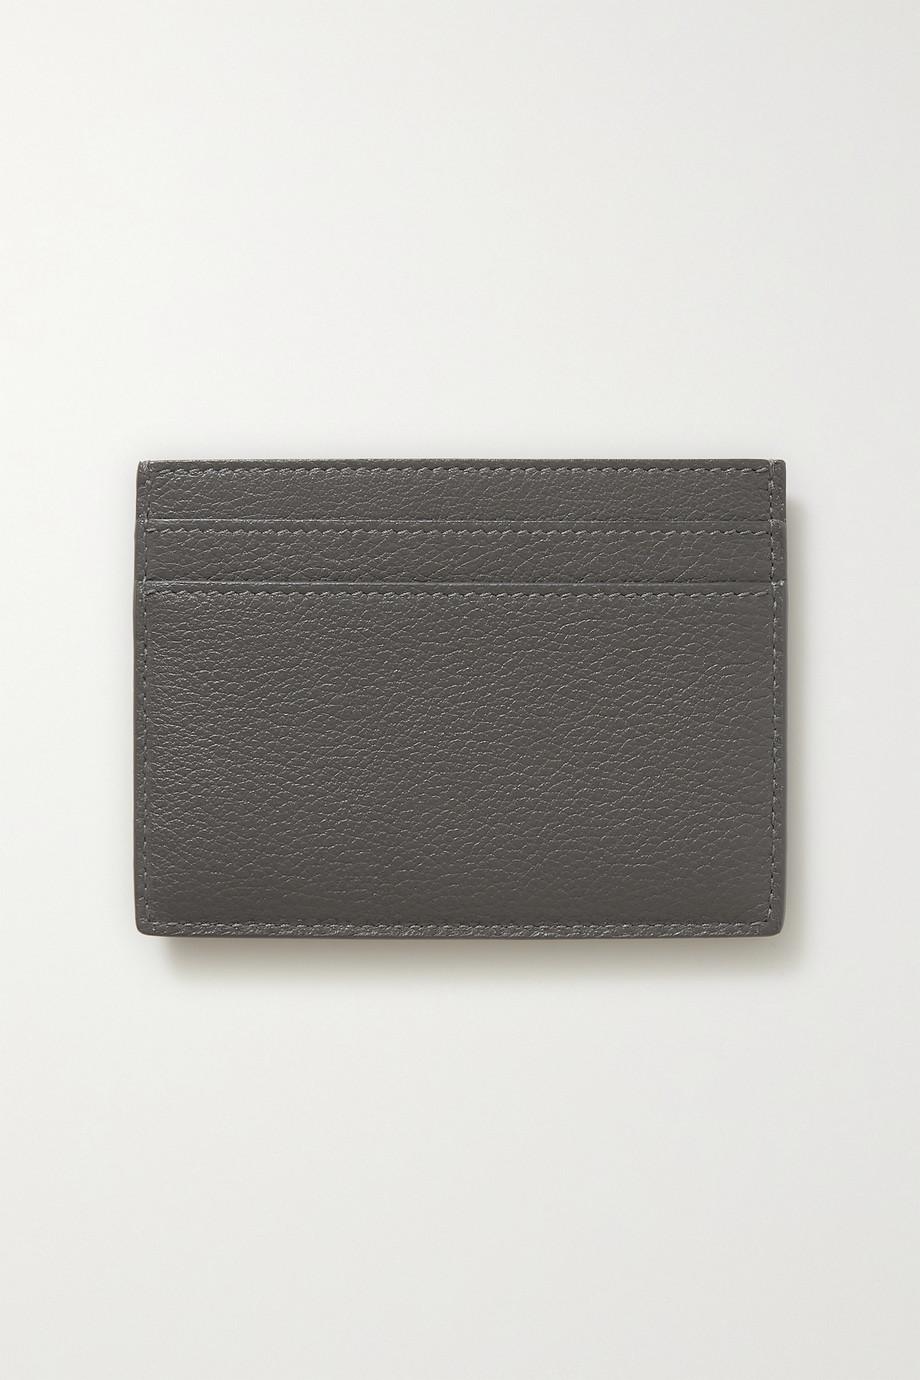 SAINT LAURENT Porte-cartes en cuir texturé Monogramme Tiny